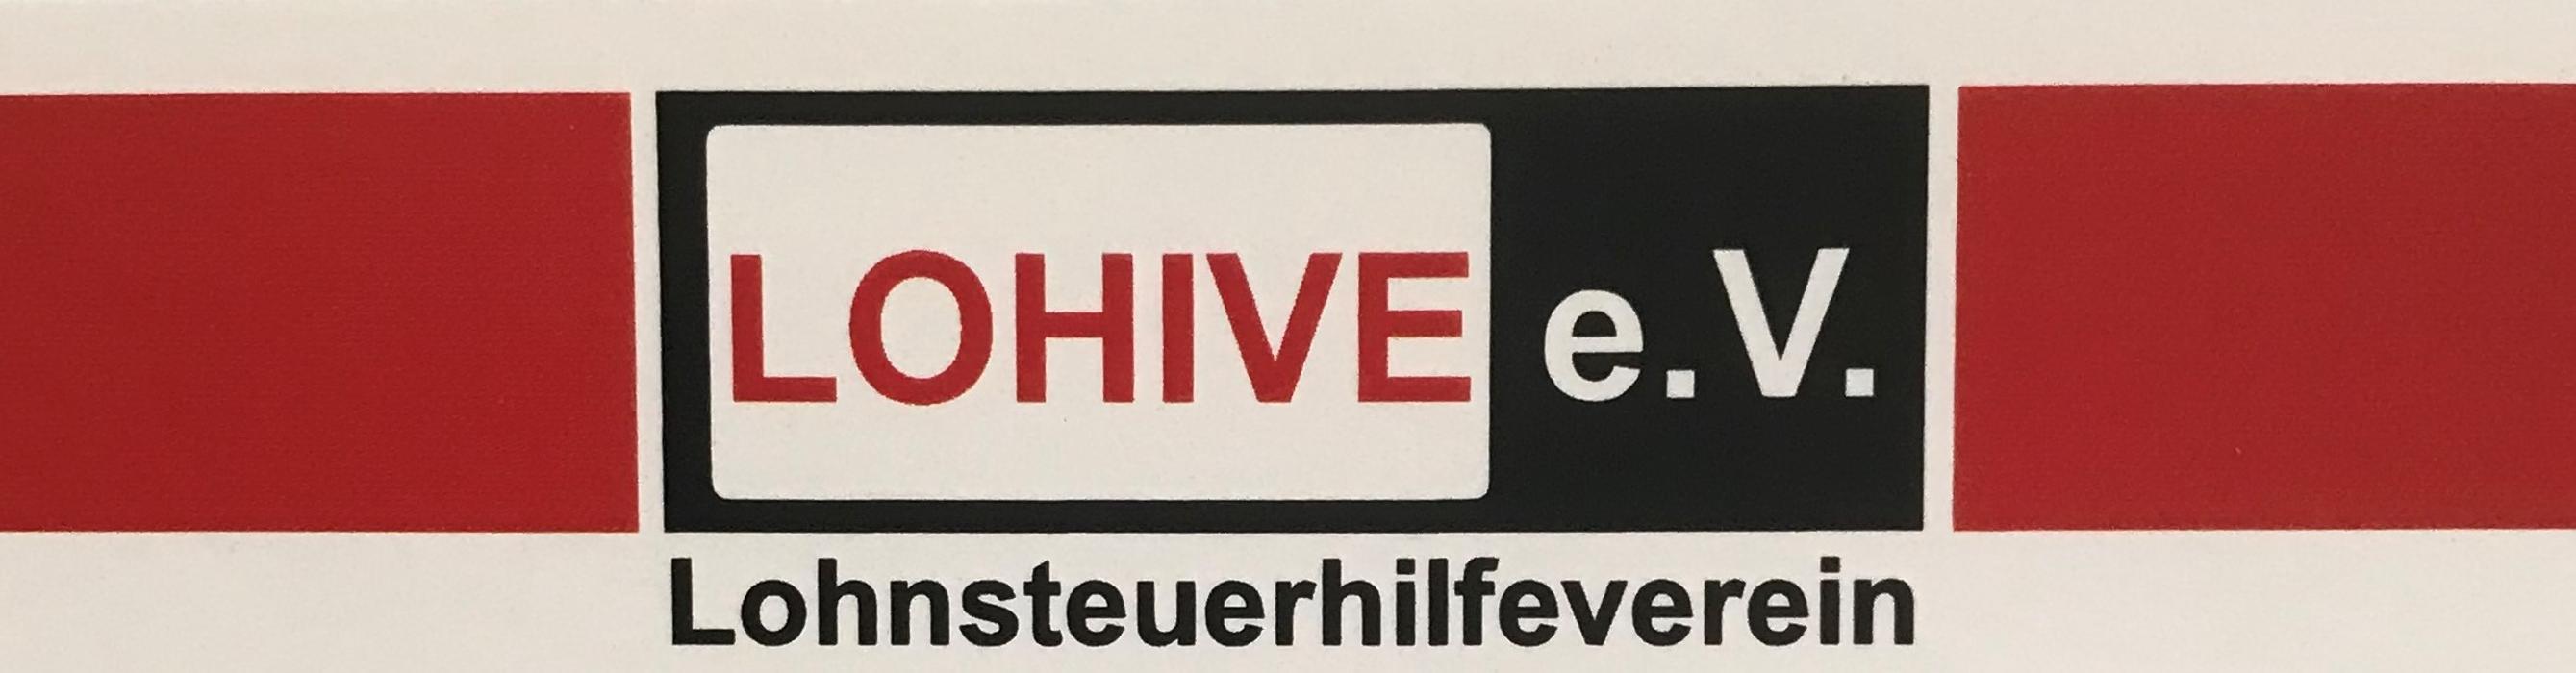 Bild zu LOHIVE e. V. in Duisburg